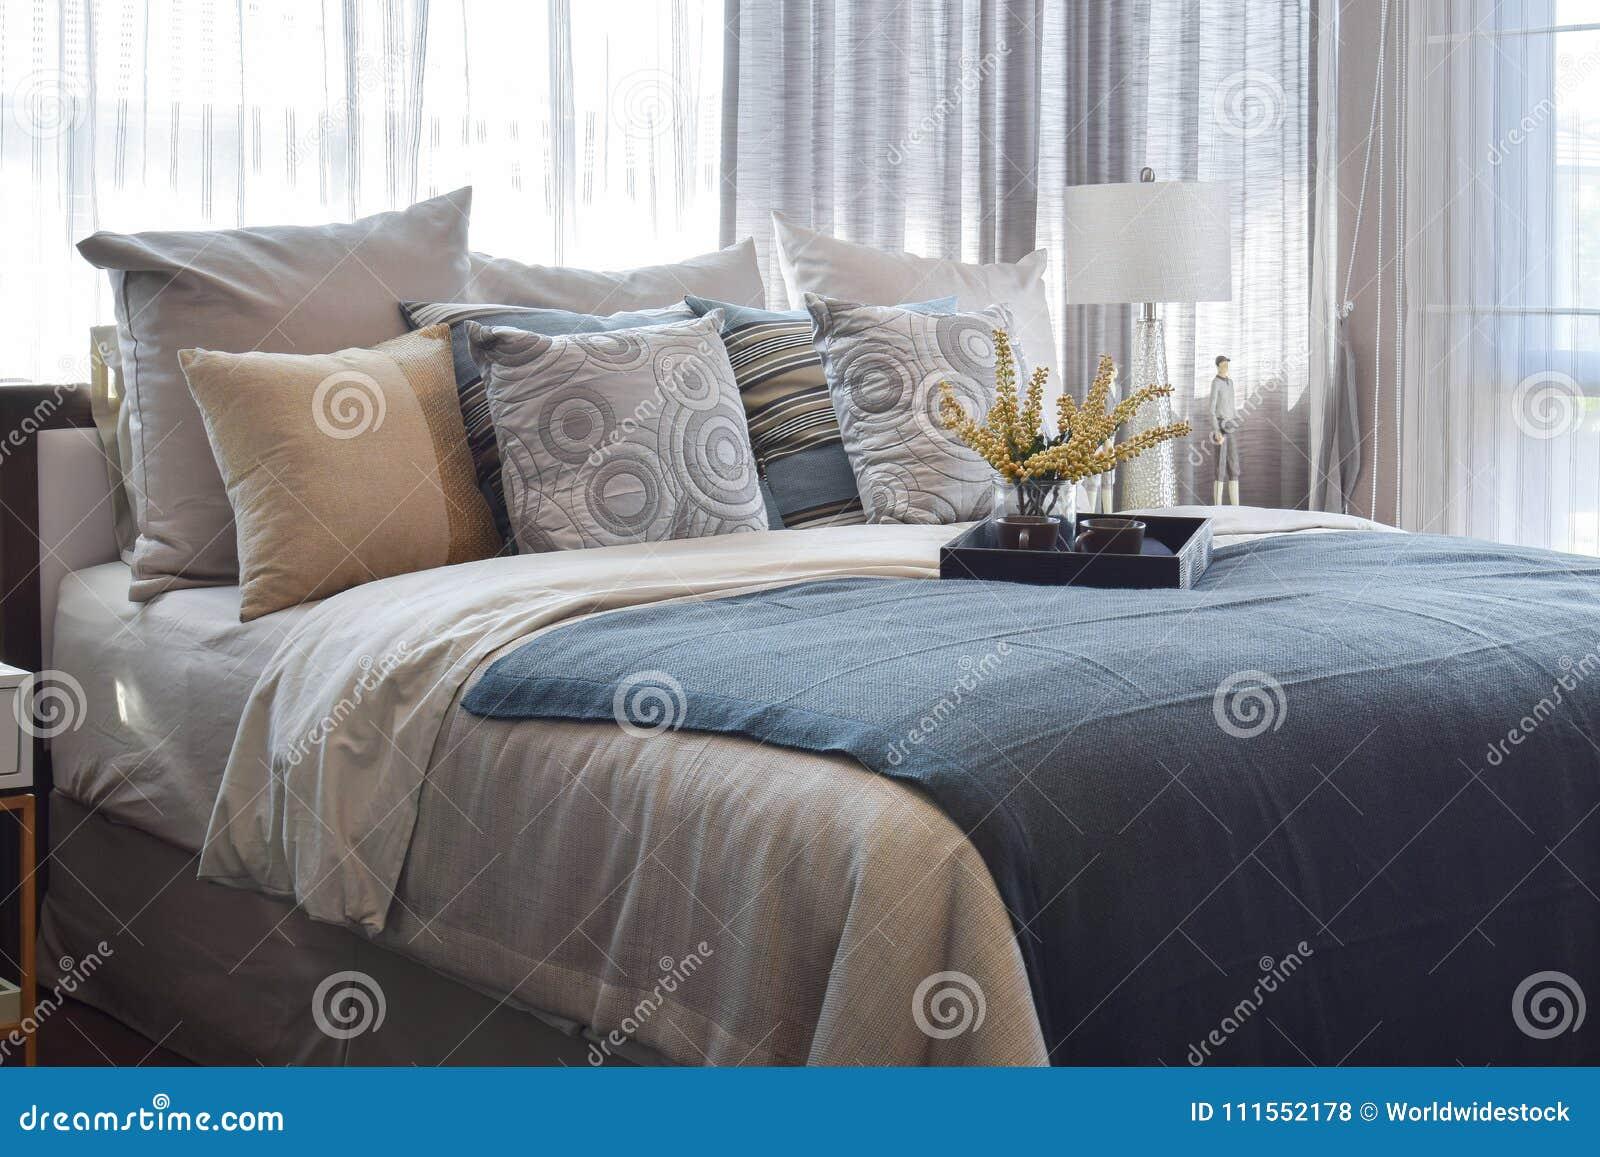 Luksusowa sypialnia z pasiastymi poduszkami i dekoracyjny herbacianym ustawiającymi na łóżku